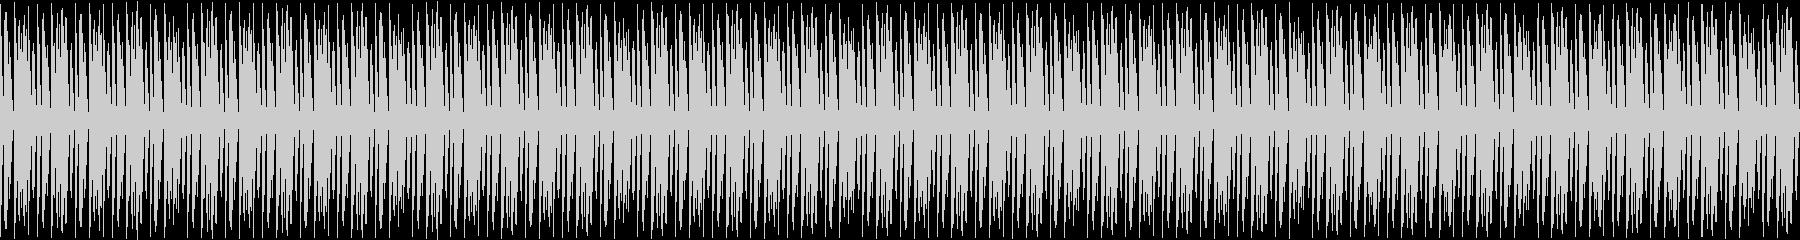 ピアノ・生配信・ほのぼの・ループ・日常2の未再生の波形